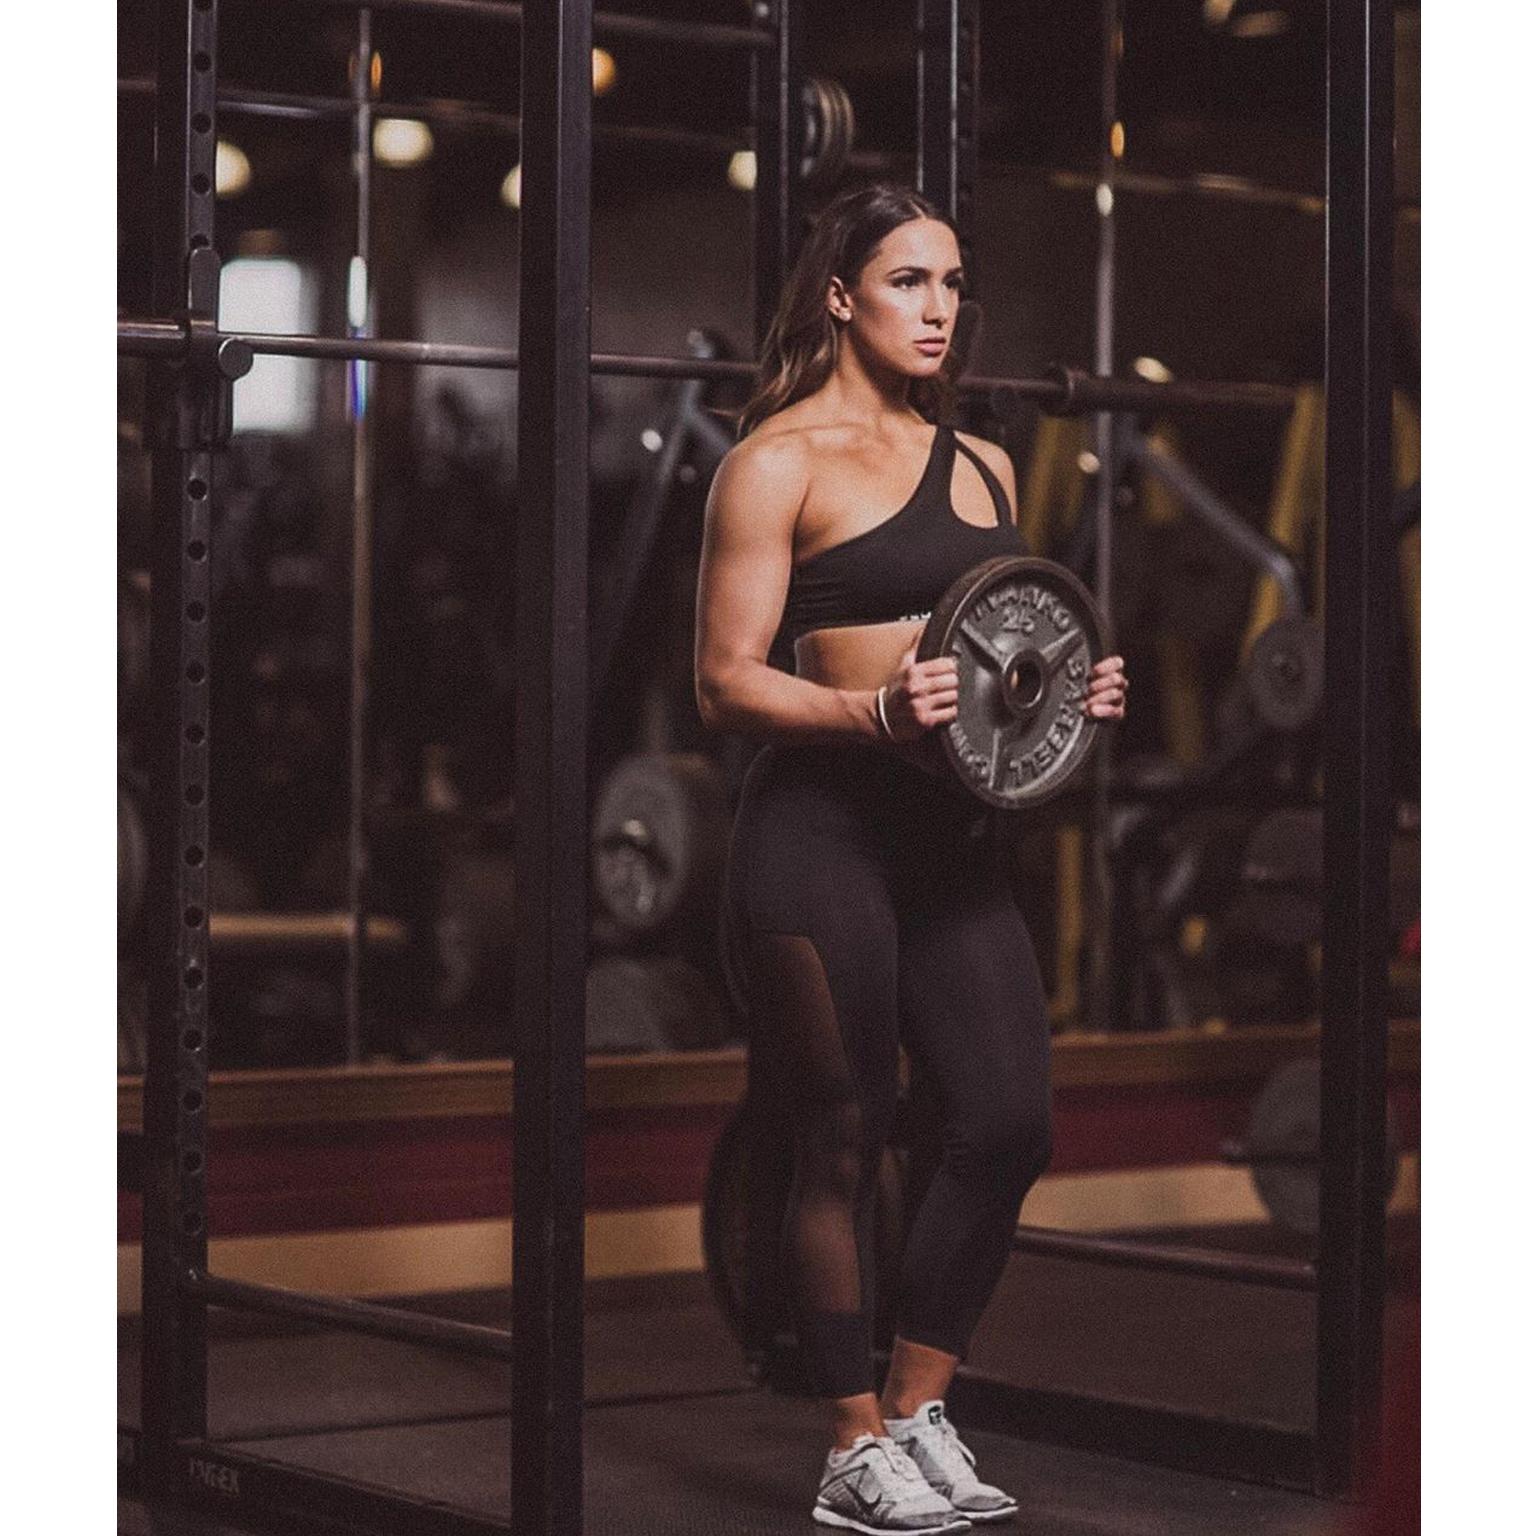 Toronto-Fitness-Model-Agency-Athlete-Commercial-Genevieve-Dube-Carpenter